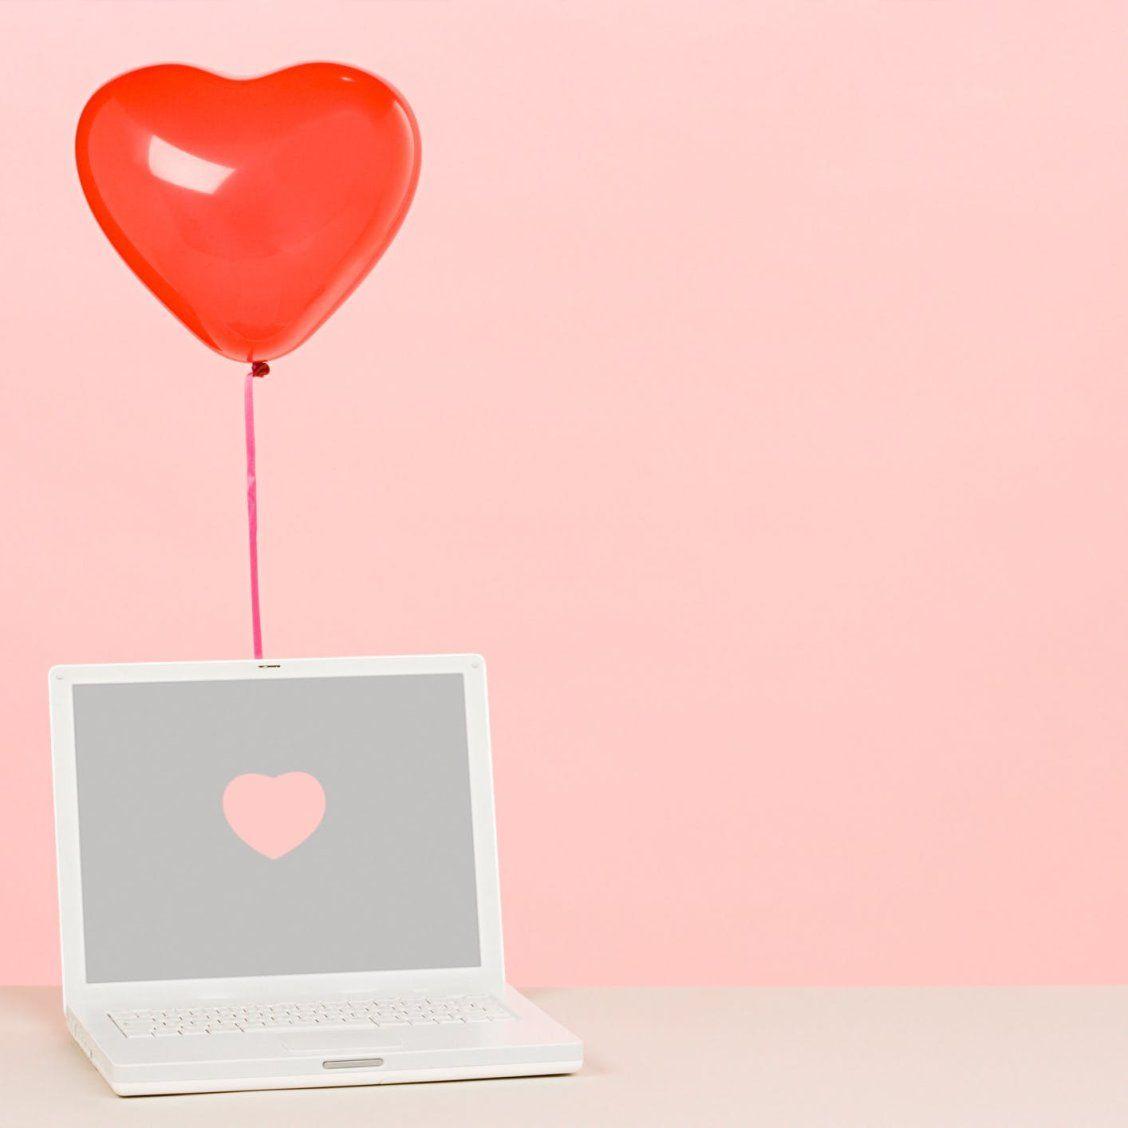 V dating website